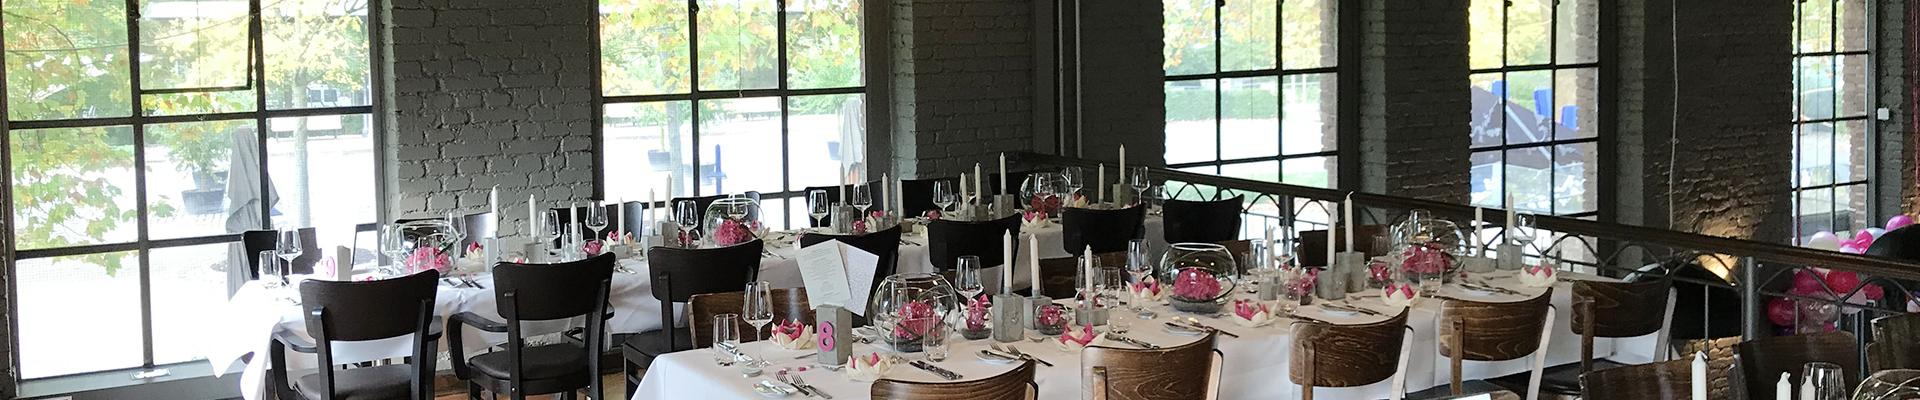 Eingedeckter Tisch - Restaurant Werkstatt - Maxi Gastro, die Gastronomie im Maxipark Hamm.